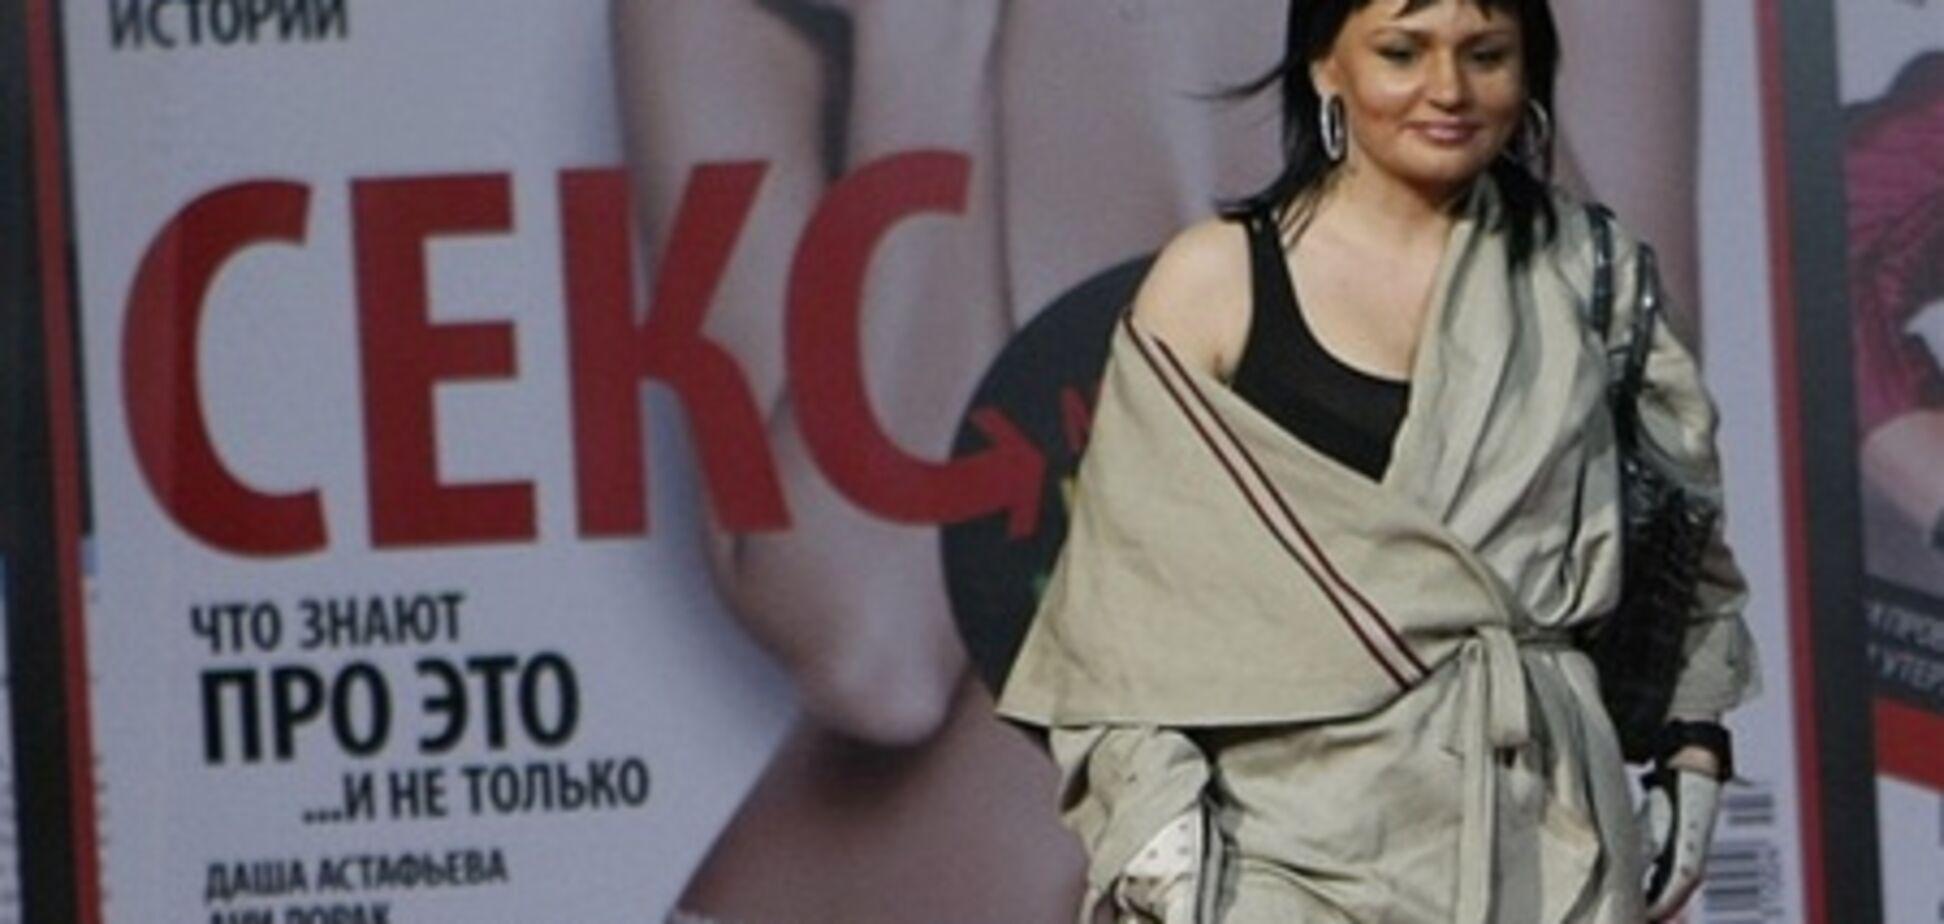 Кильчицкая сравнила Кличко с Бабой Ягой